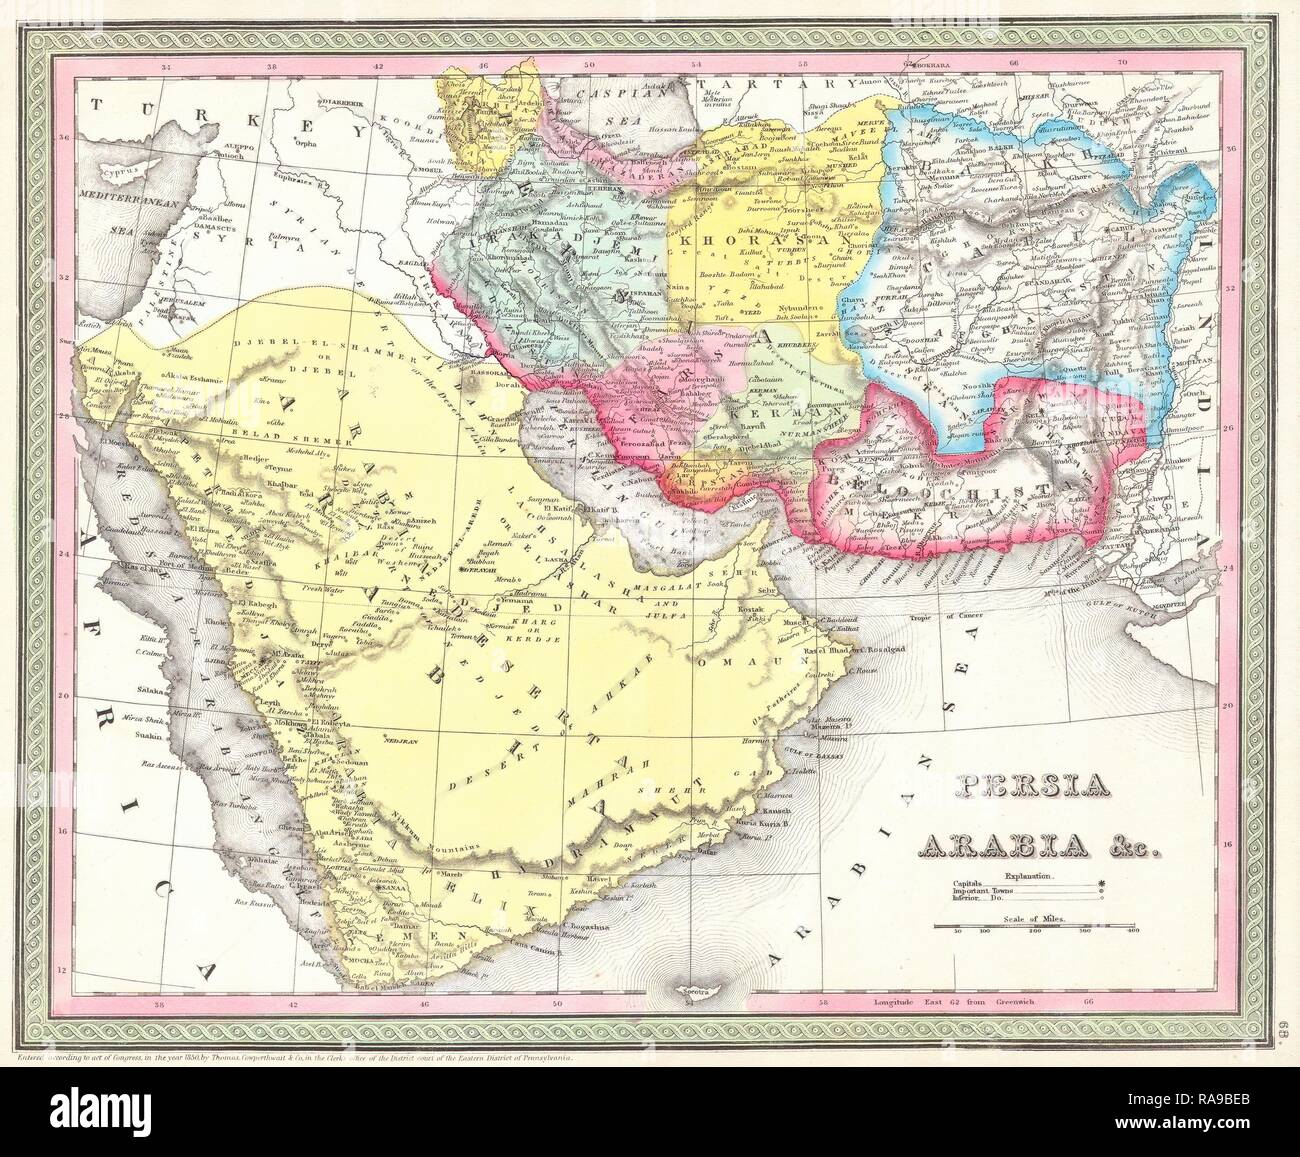 Persien Karte.Mitchell Karte Von Persien Stockfotos Mitchell Karte Von Persien